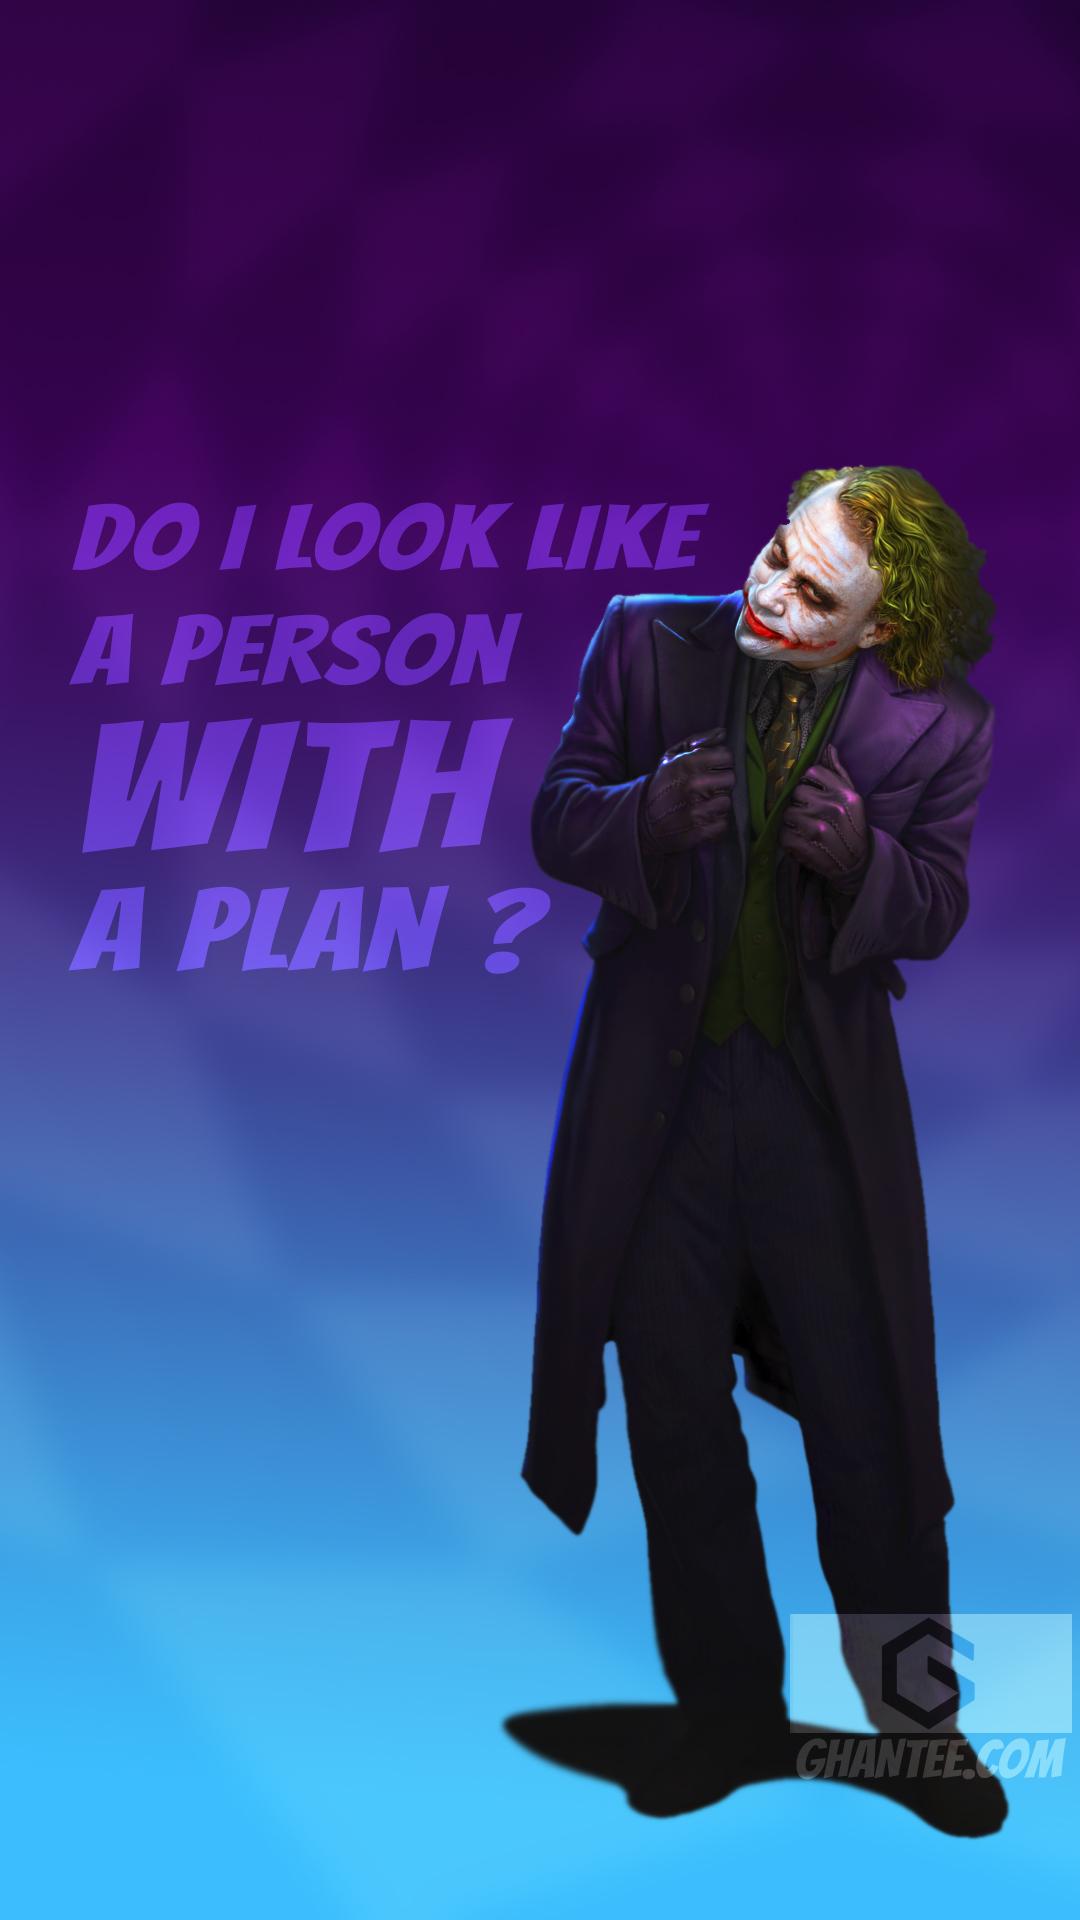 joker quote hd image | The Dark Knight